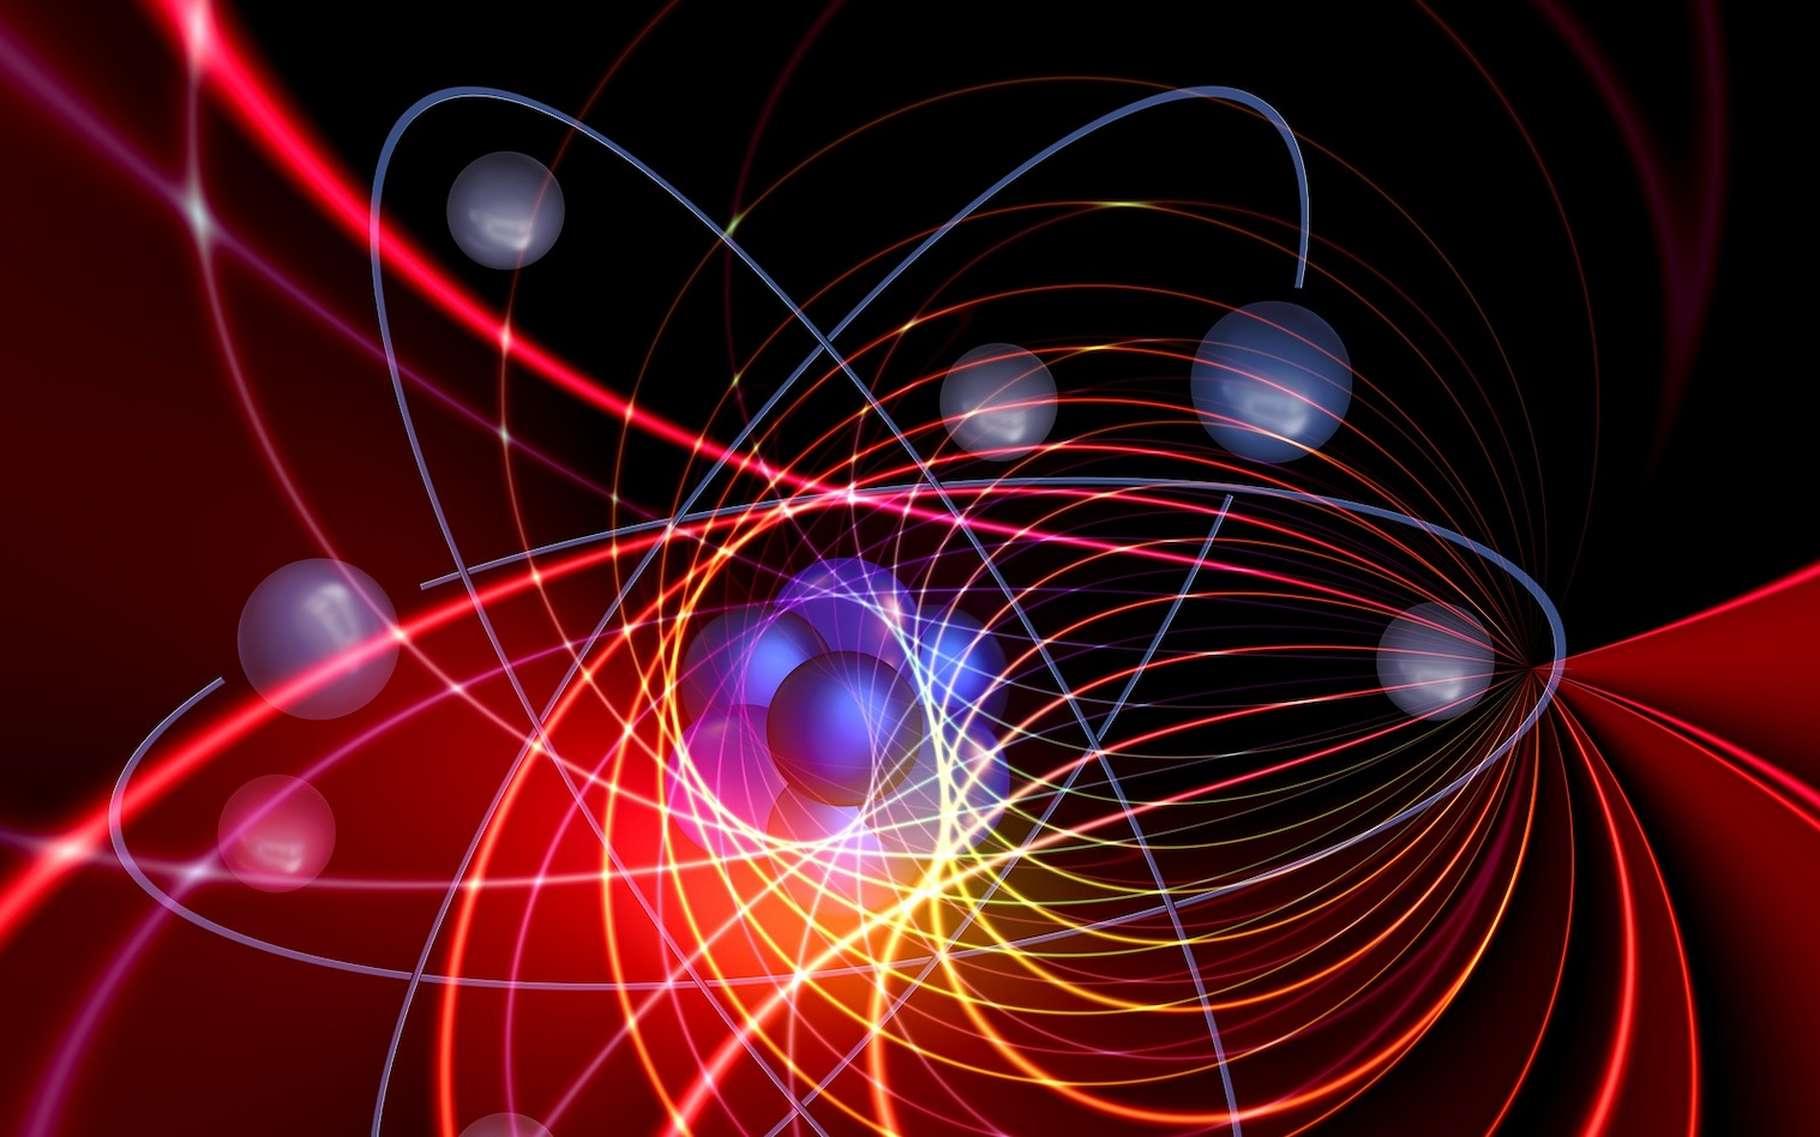 Des chercheurs de l'université de New York (États-Unis) ont observé un nouvel état de la matière baptisé supraconductivité topologique. © geralt, Pixabay License